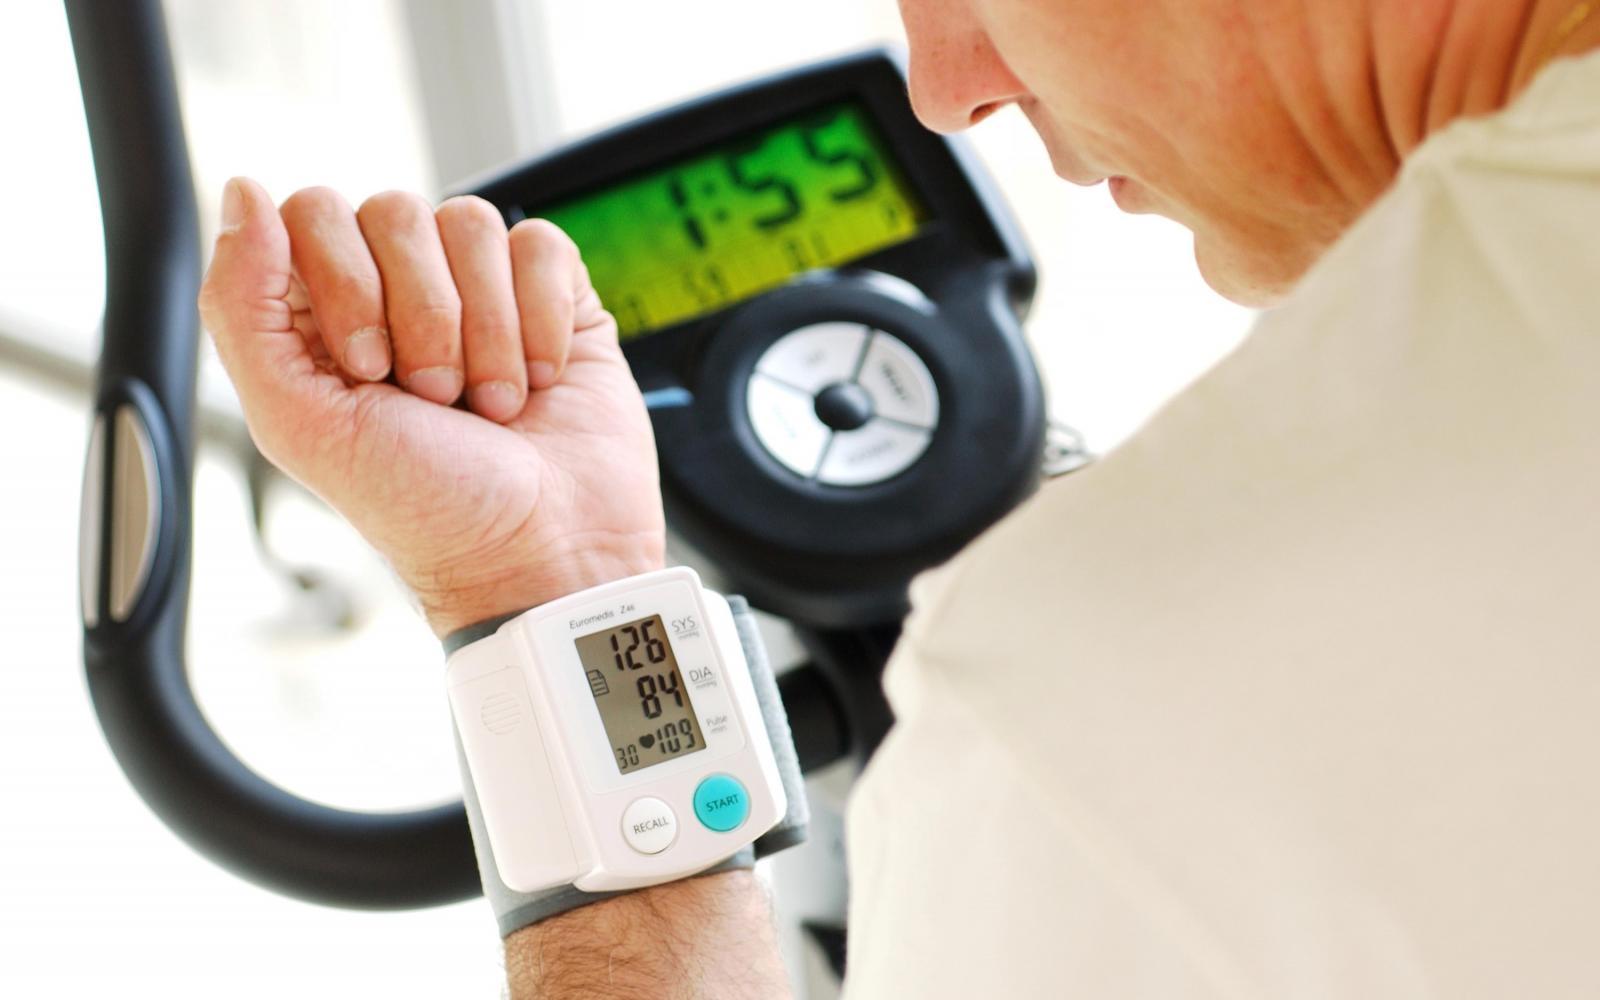 magas vérnyomás 30 éves korban mit kell tenni)